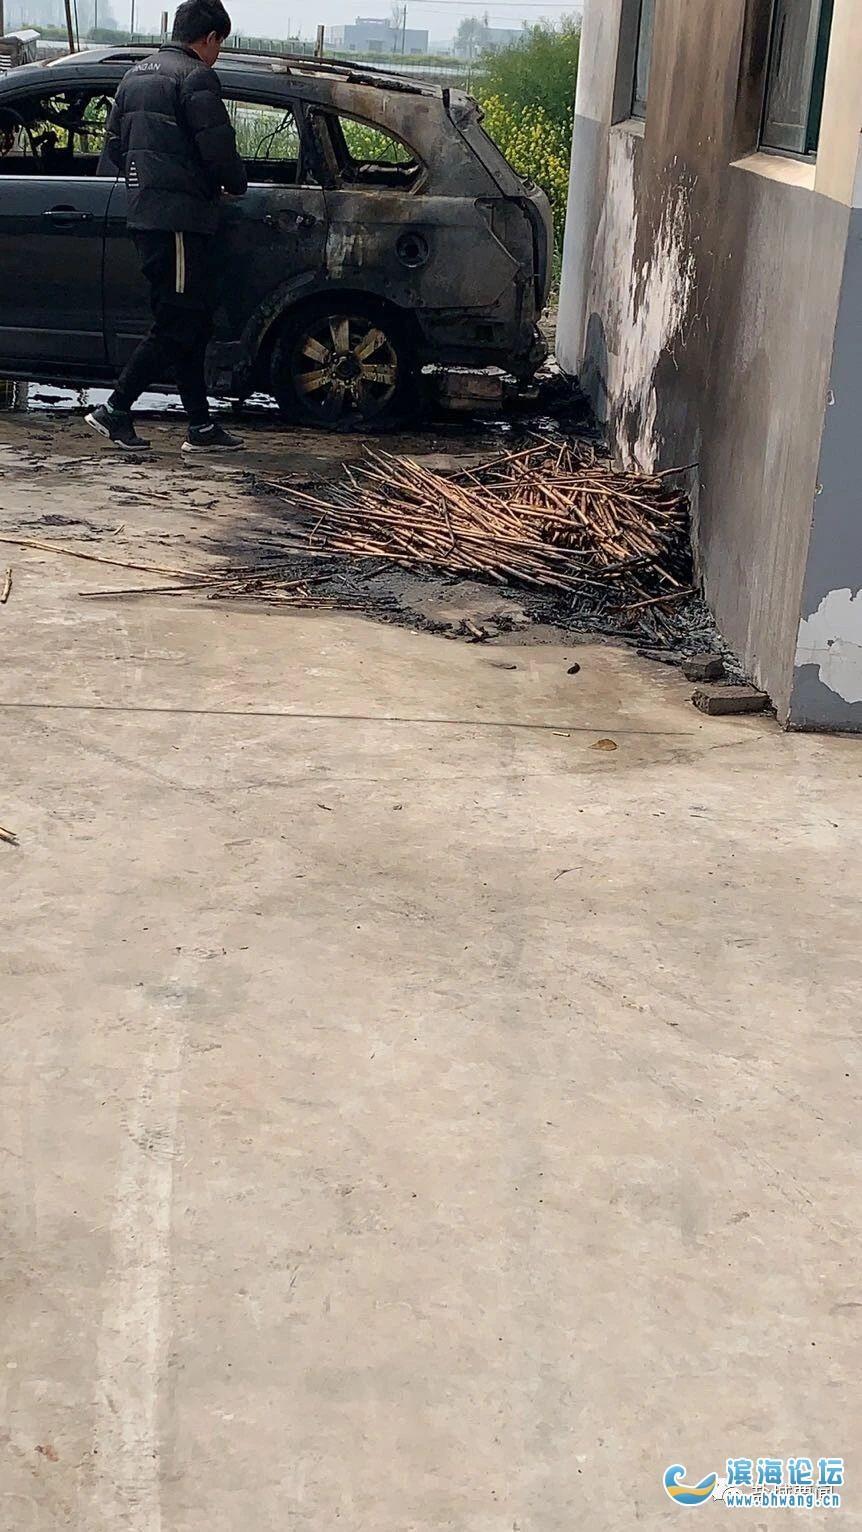 盐城一户人家清明节烧纸祭祖,竟把汽车给烧了